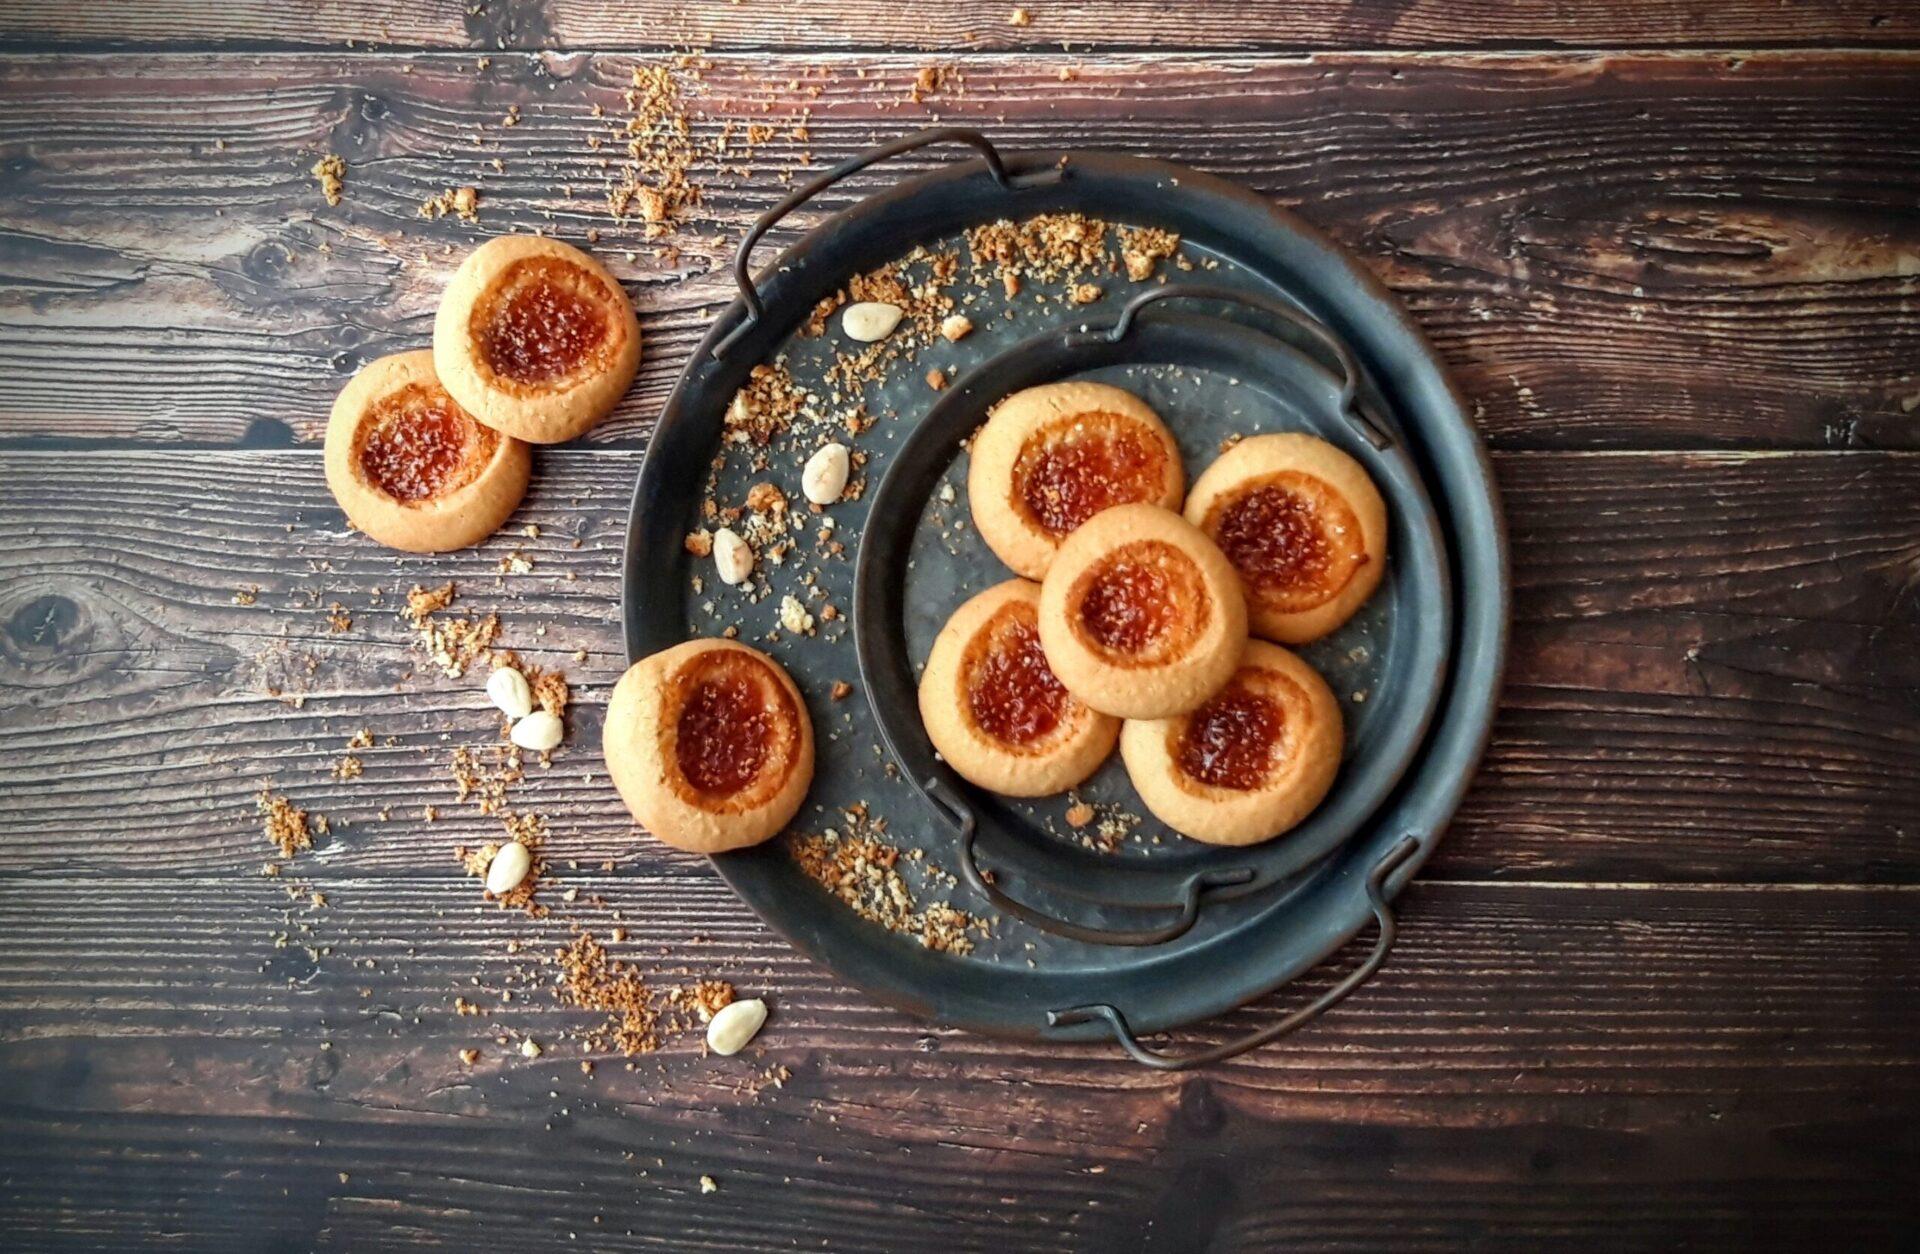 Μπισκότα βουτύρου γεμιστά με μαρμελάδα σύκο